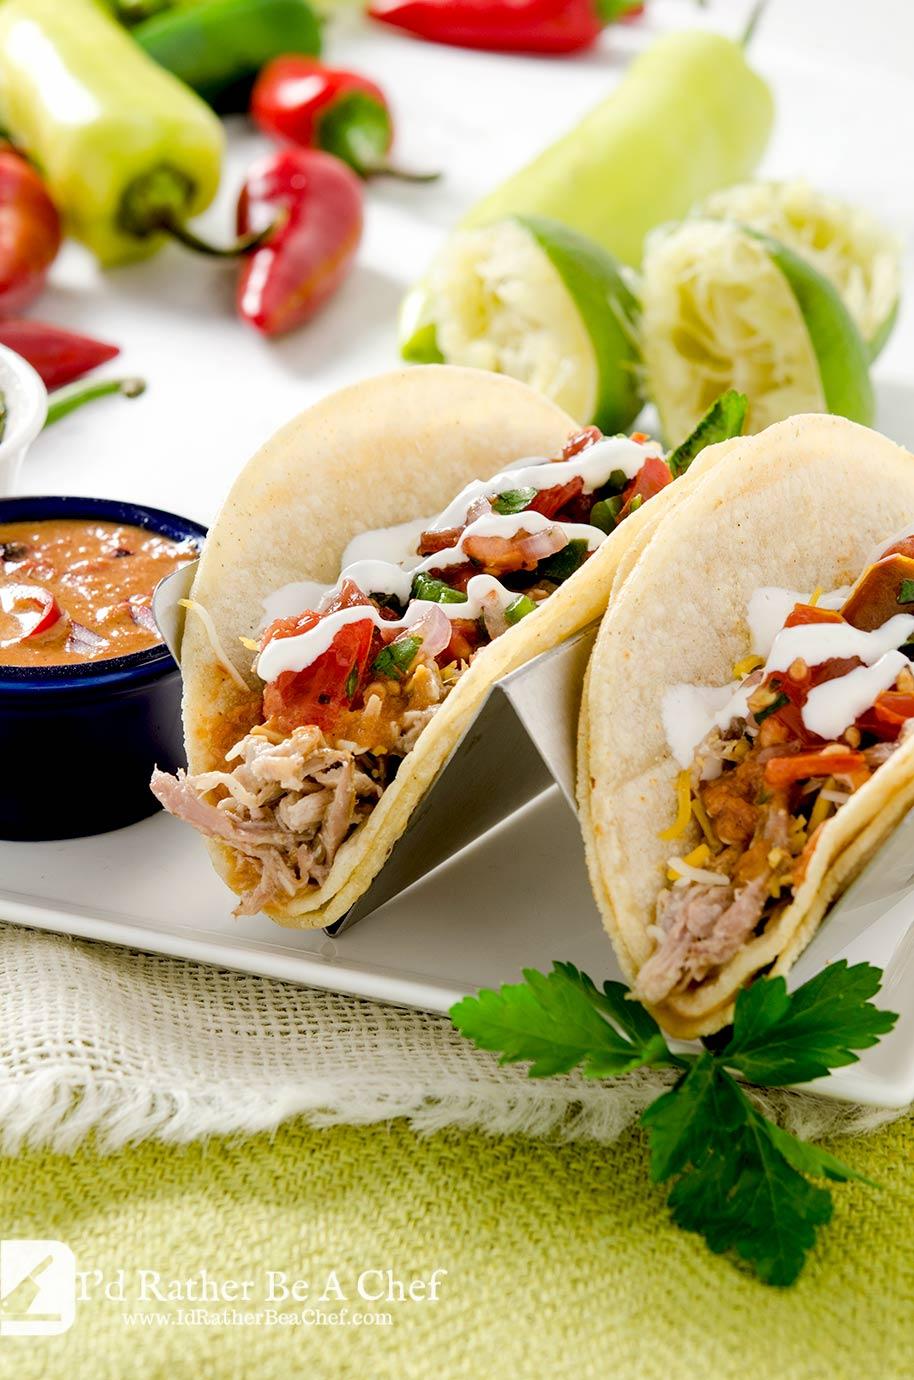 A super fresh pulled pork taco recipe with pico de gallo and a fresh chipotle pepper sauce. So delicious!